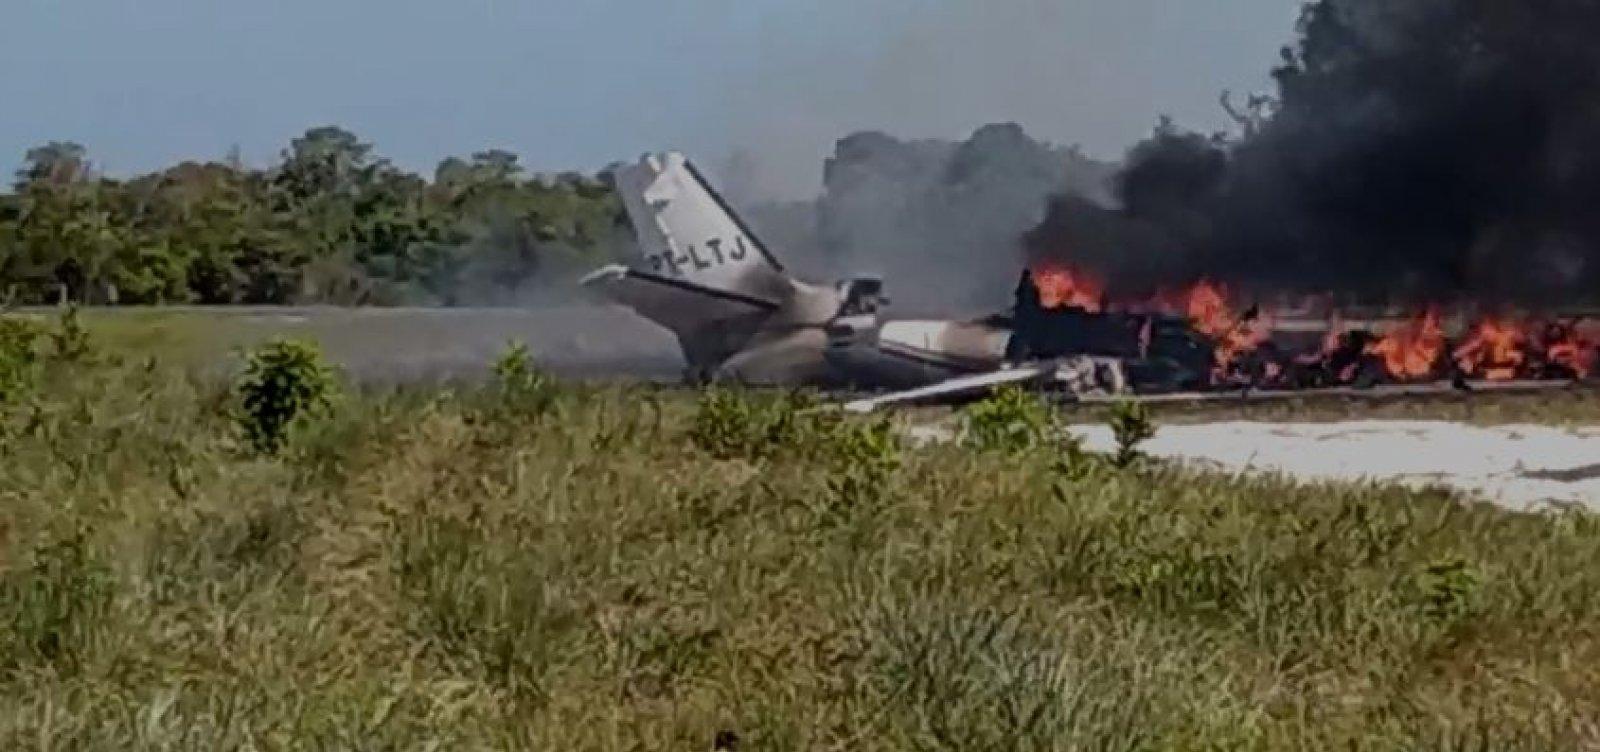 Acidente em Maraú: tripulantes de aeronave sobreviveram, diz prefeitura; veja novo vídeo